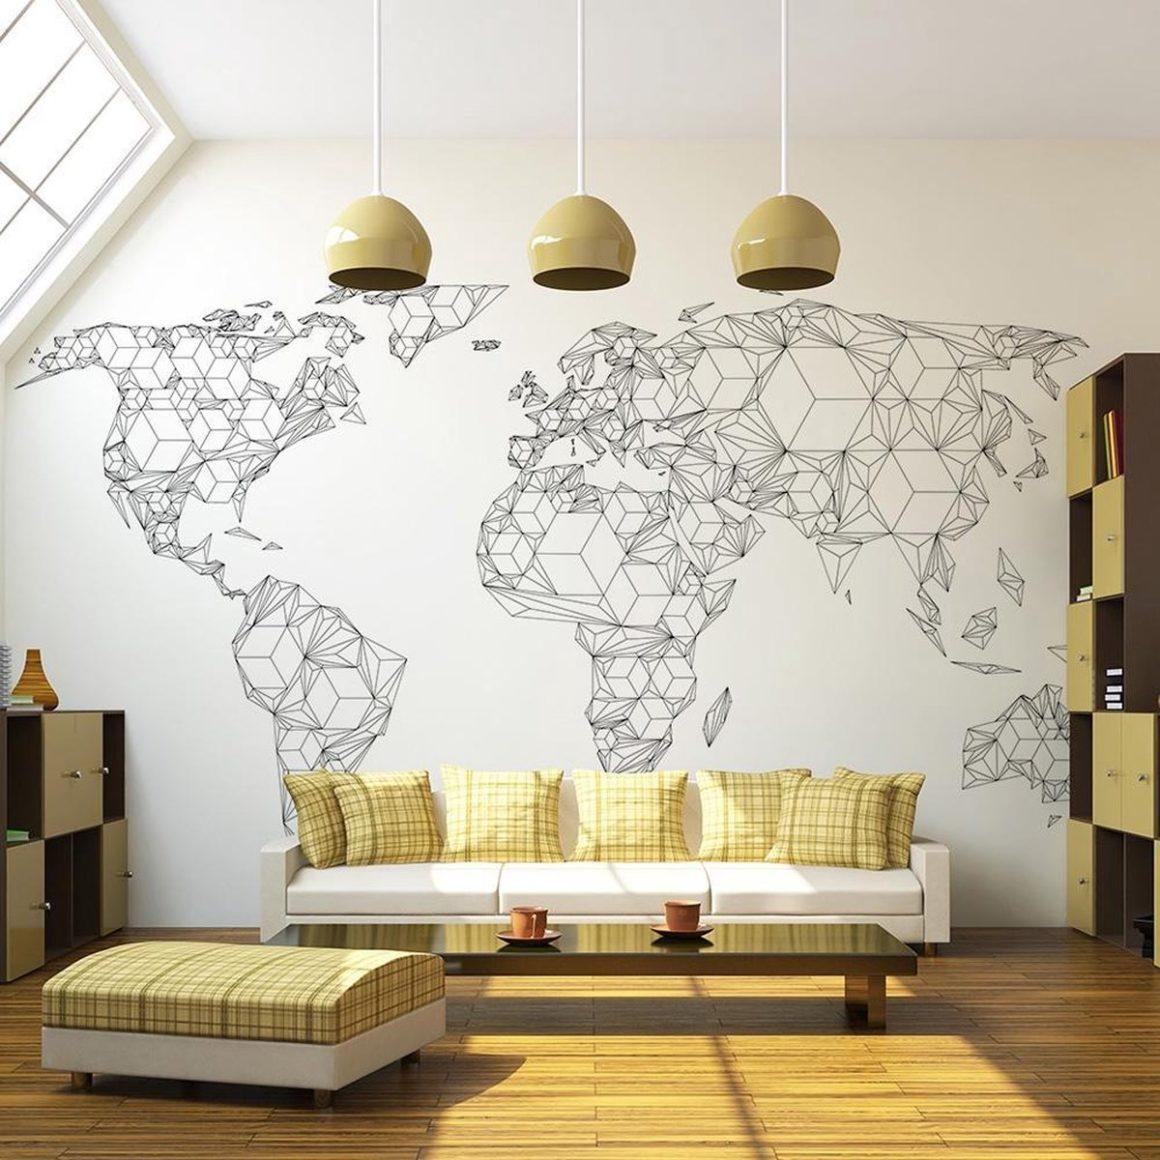 carte du monde géométrique salon jaune mur design